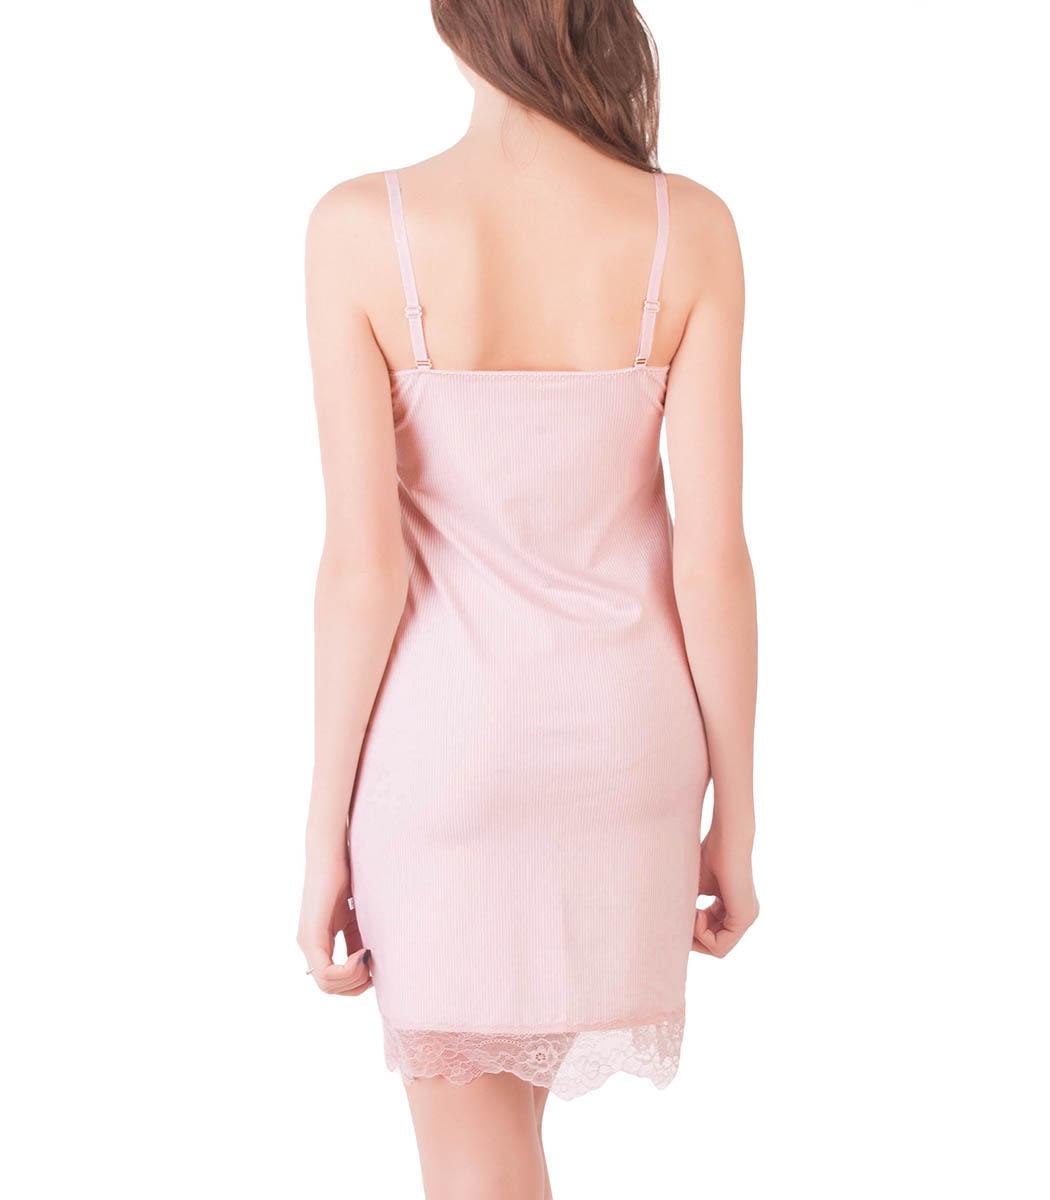 Ночная рубашка Serge ночная сорочка женская serge 8635 рост 170 розовый